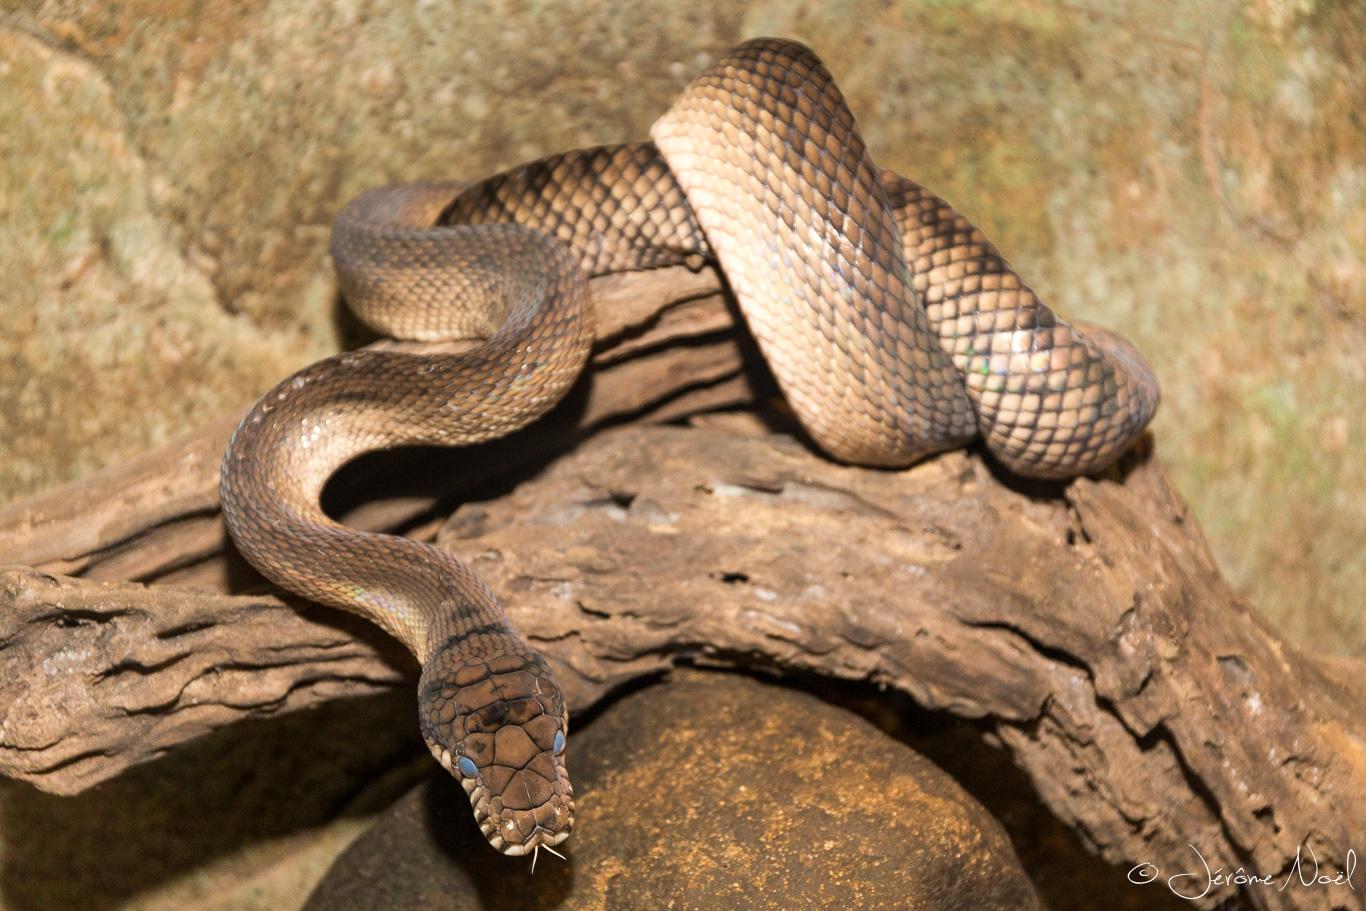 Bali Reptile Park - Serpent 2